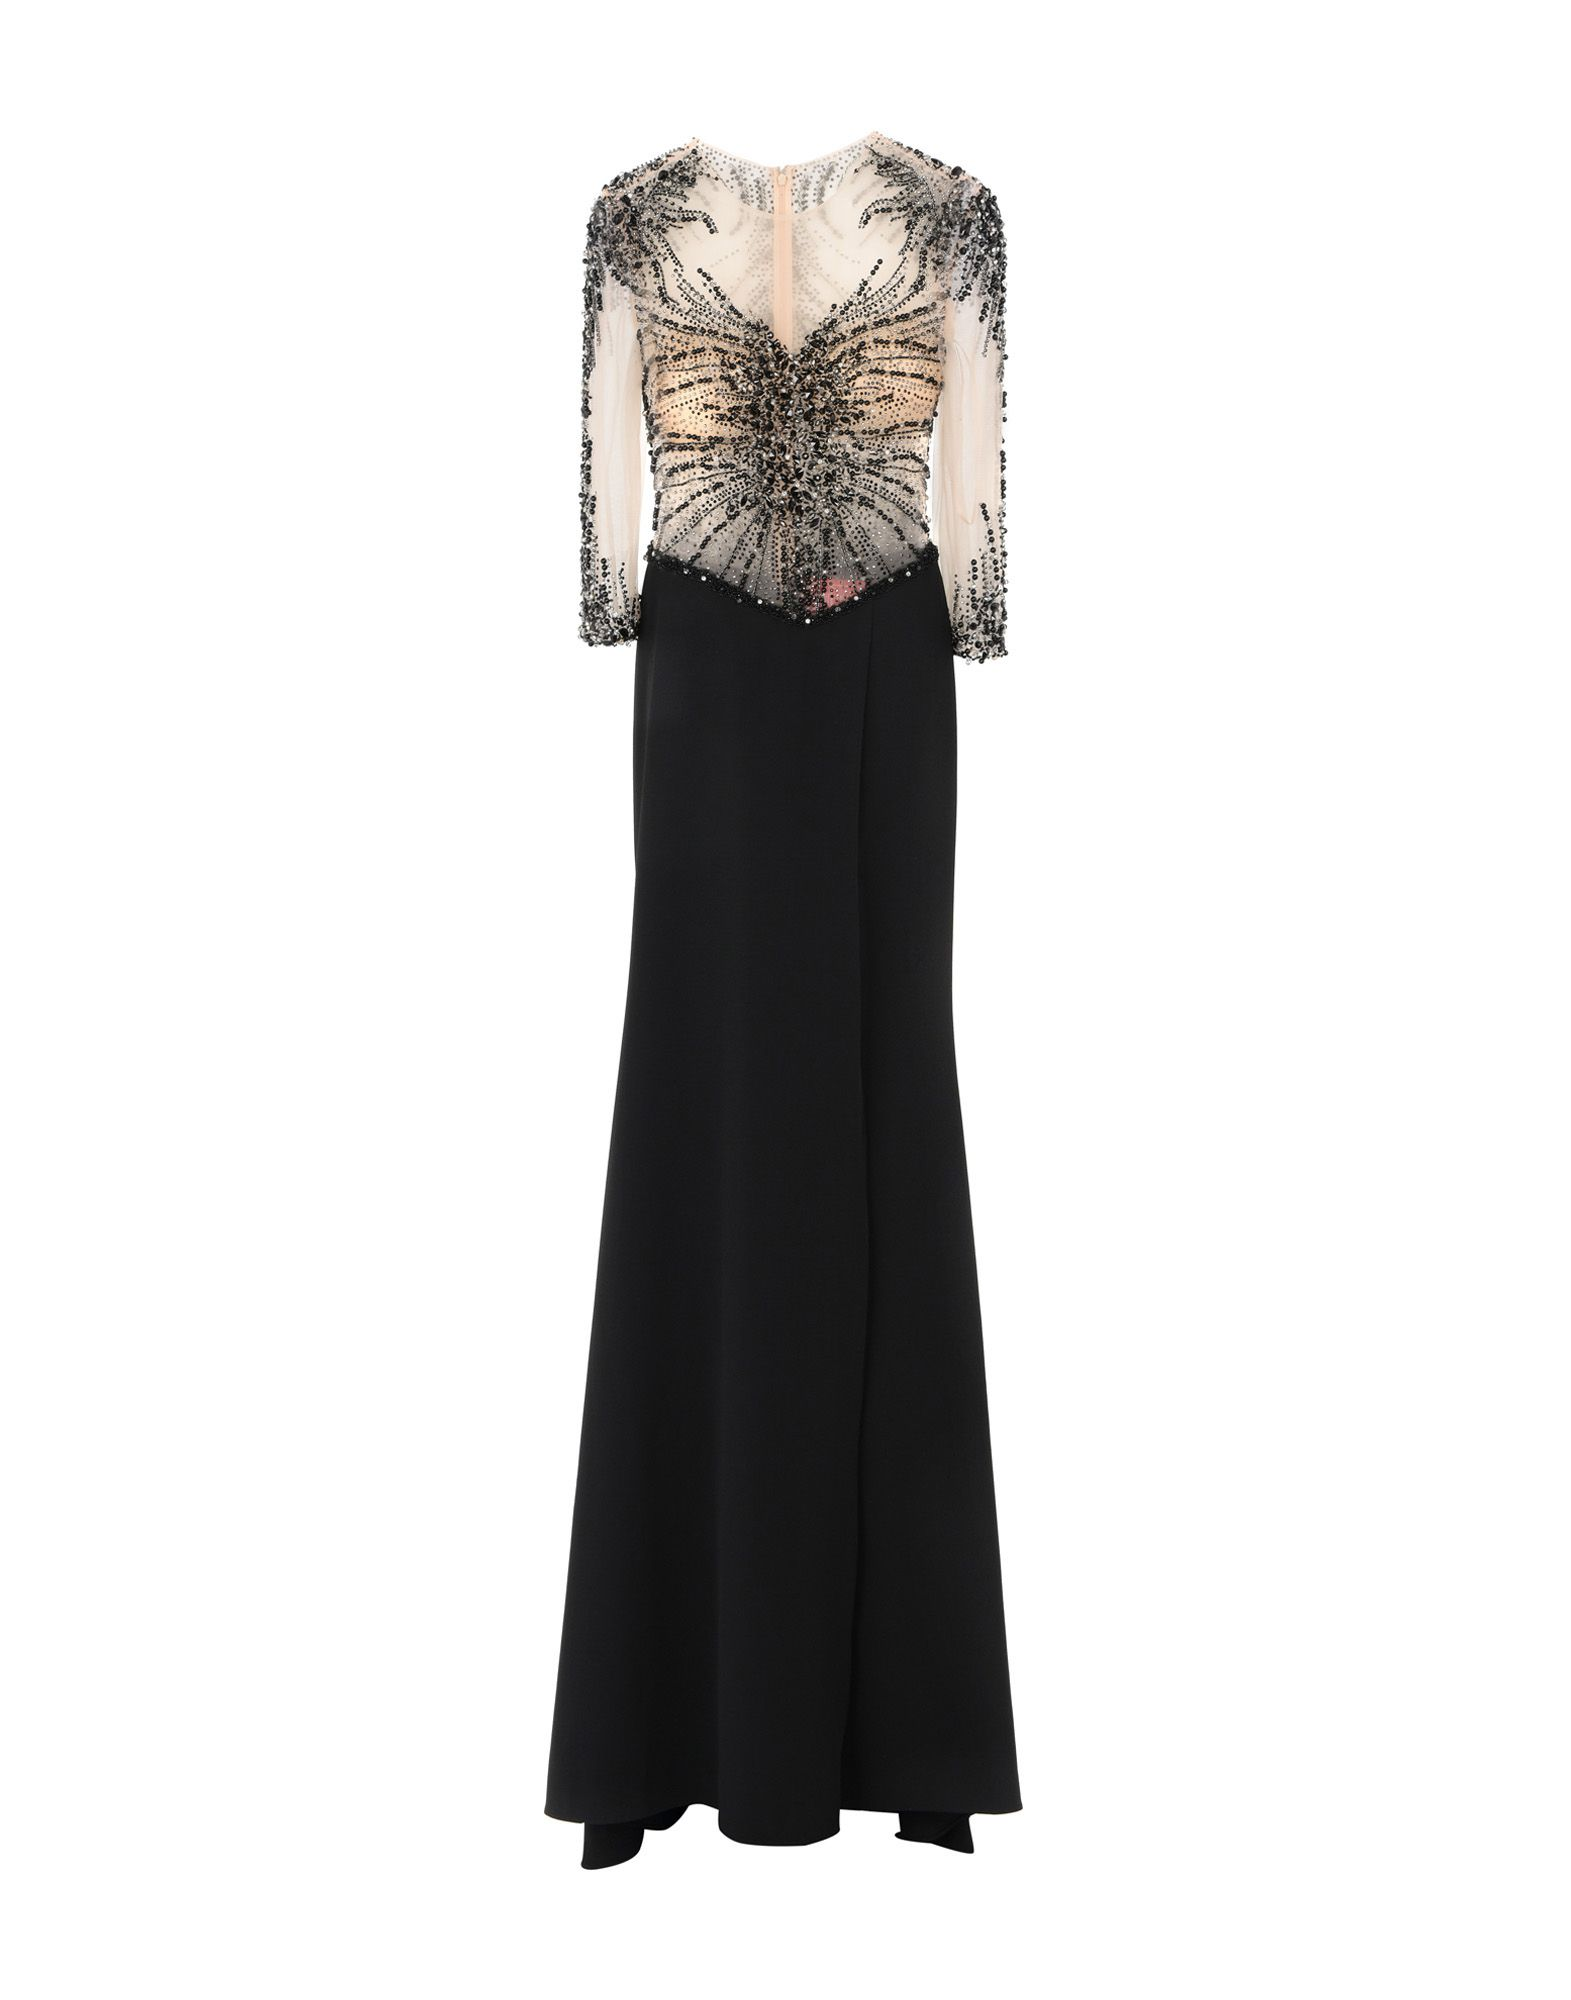 GAI MATTIOLO Длинное платье платье короткое спереди длинное сзади летнее